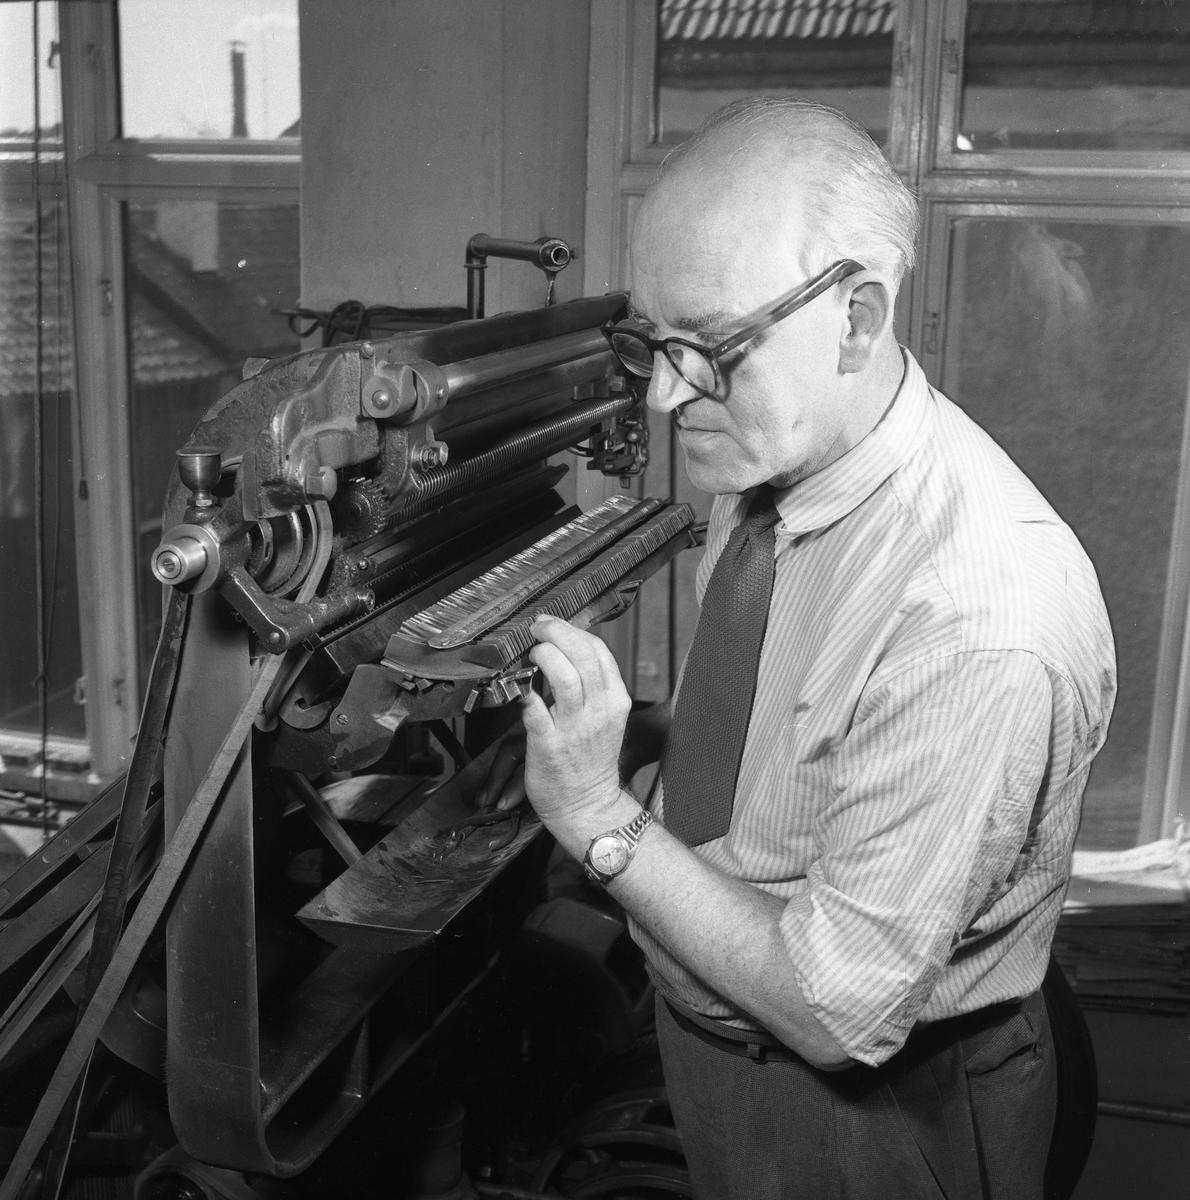 Arboga Tidning, personal och interiör. En man, iklädd skjorta och slips, arbetar vid en maskin. Utsikten genom fönstret visar, att lokalen ligger någon våning upp i huset.